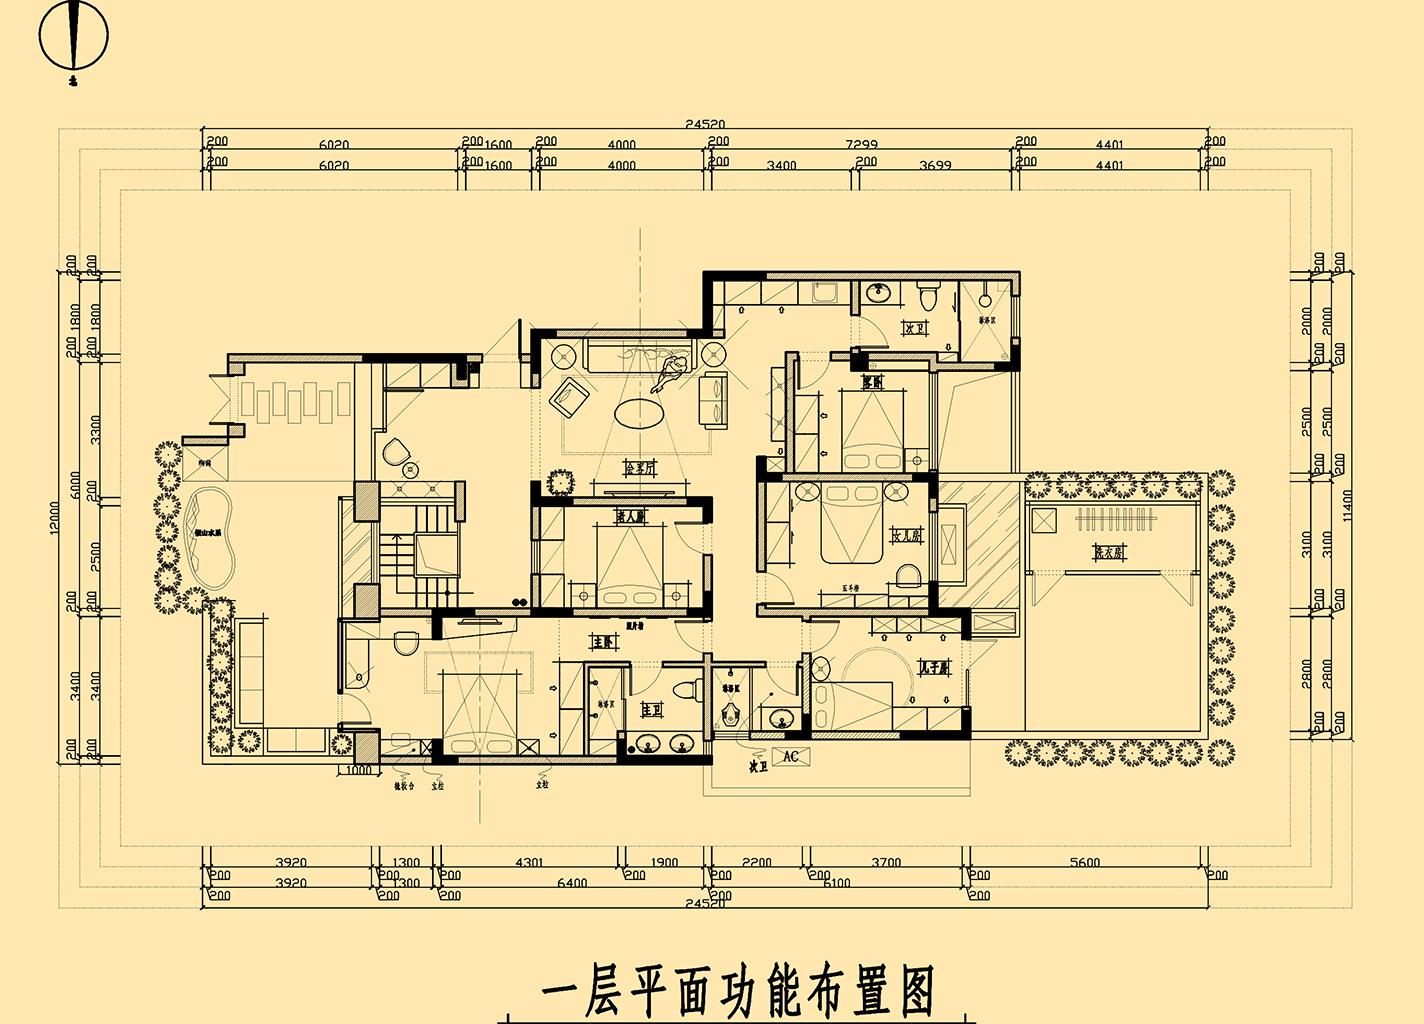 洋丰盛乔维斯+欧式装修风格+300平装修设计理念